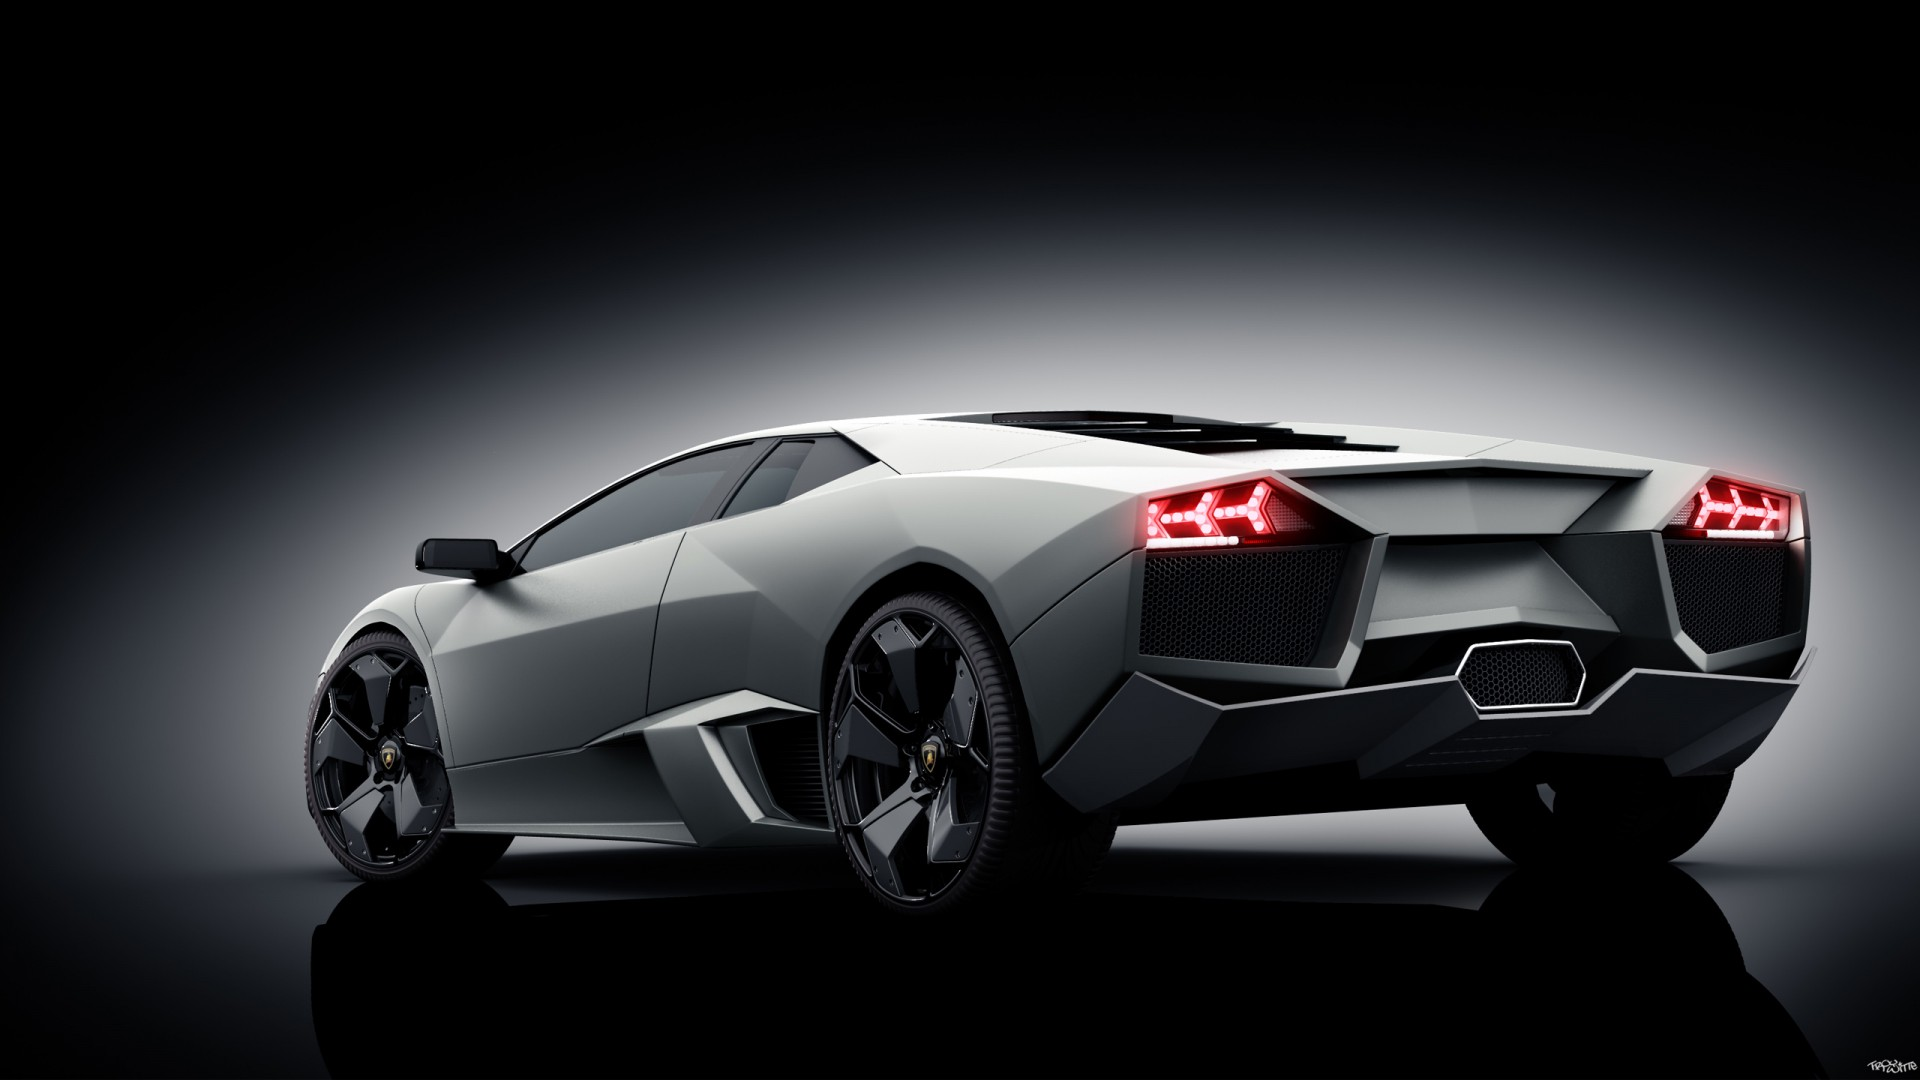 The Lamborghini Reventon Concept 2 Wallpaper HD Car